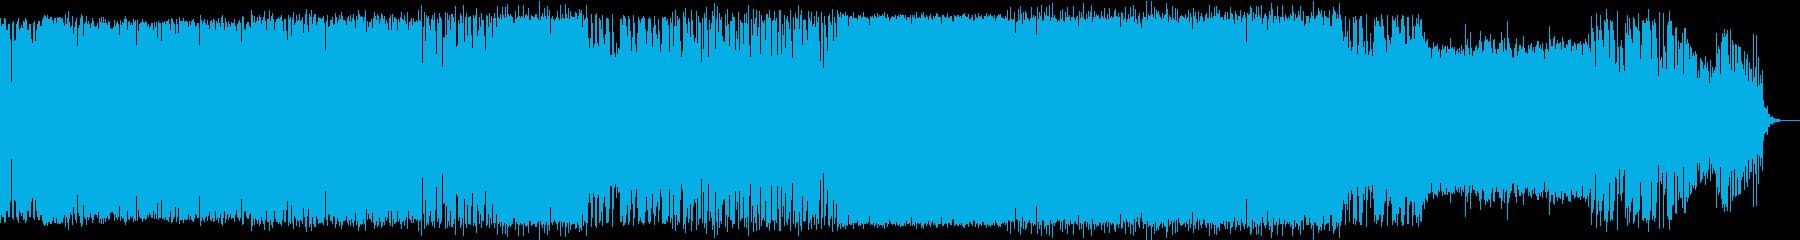 シンセソロ入りの深海イメージ曲の再生済みの波形